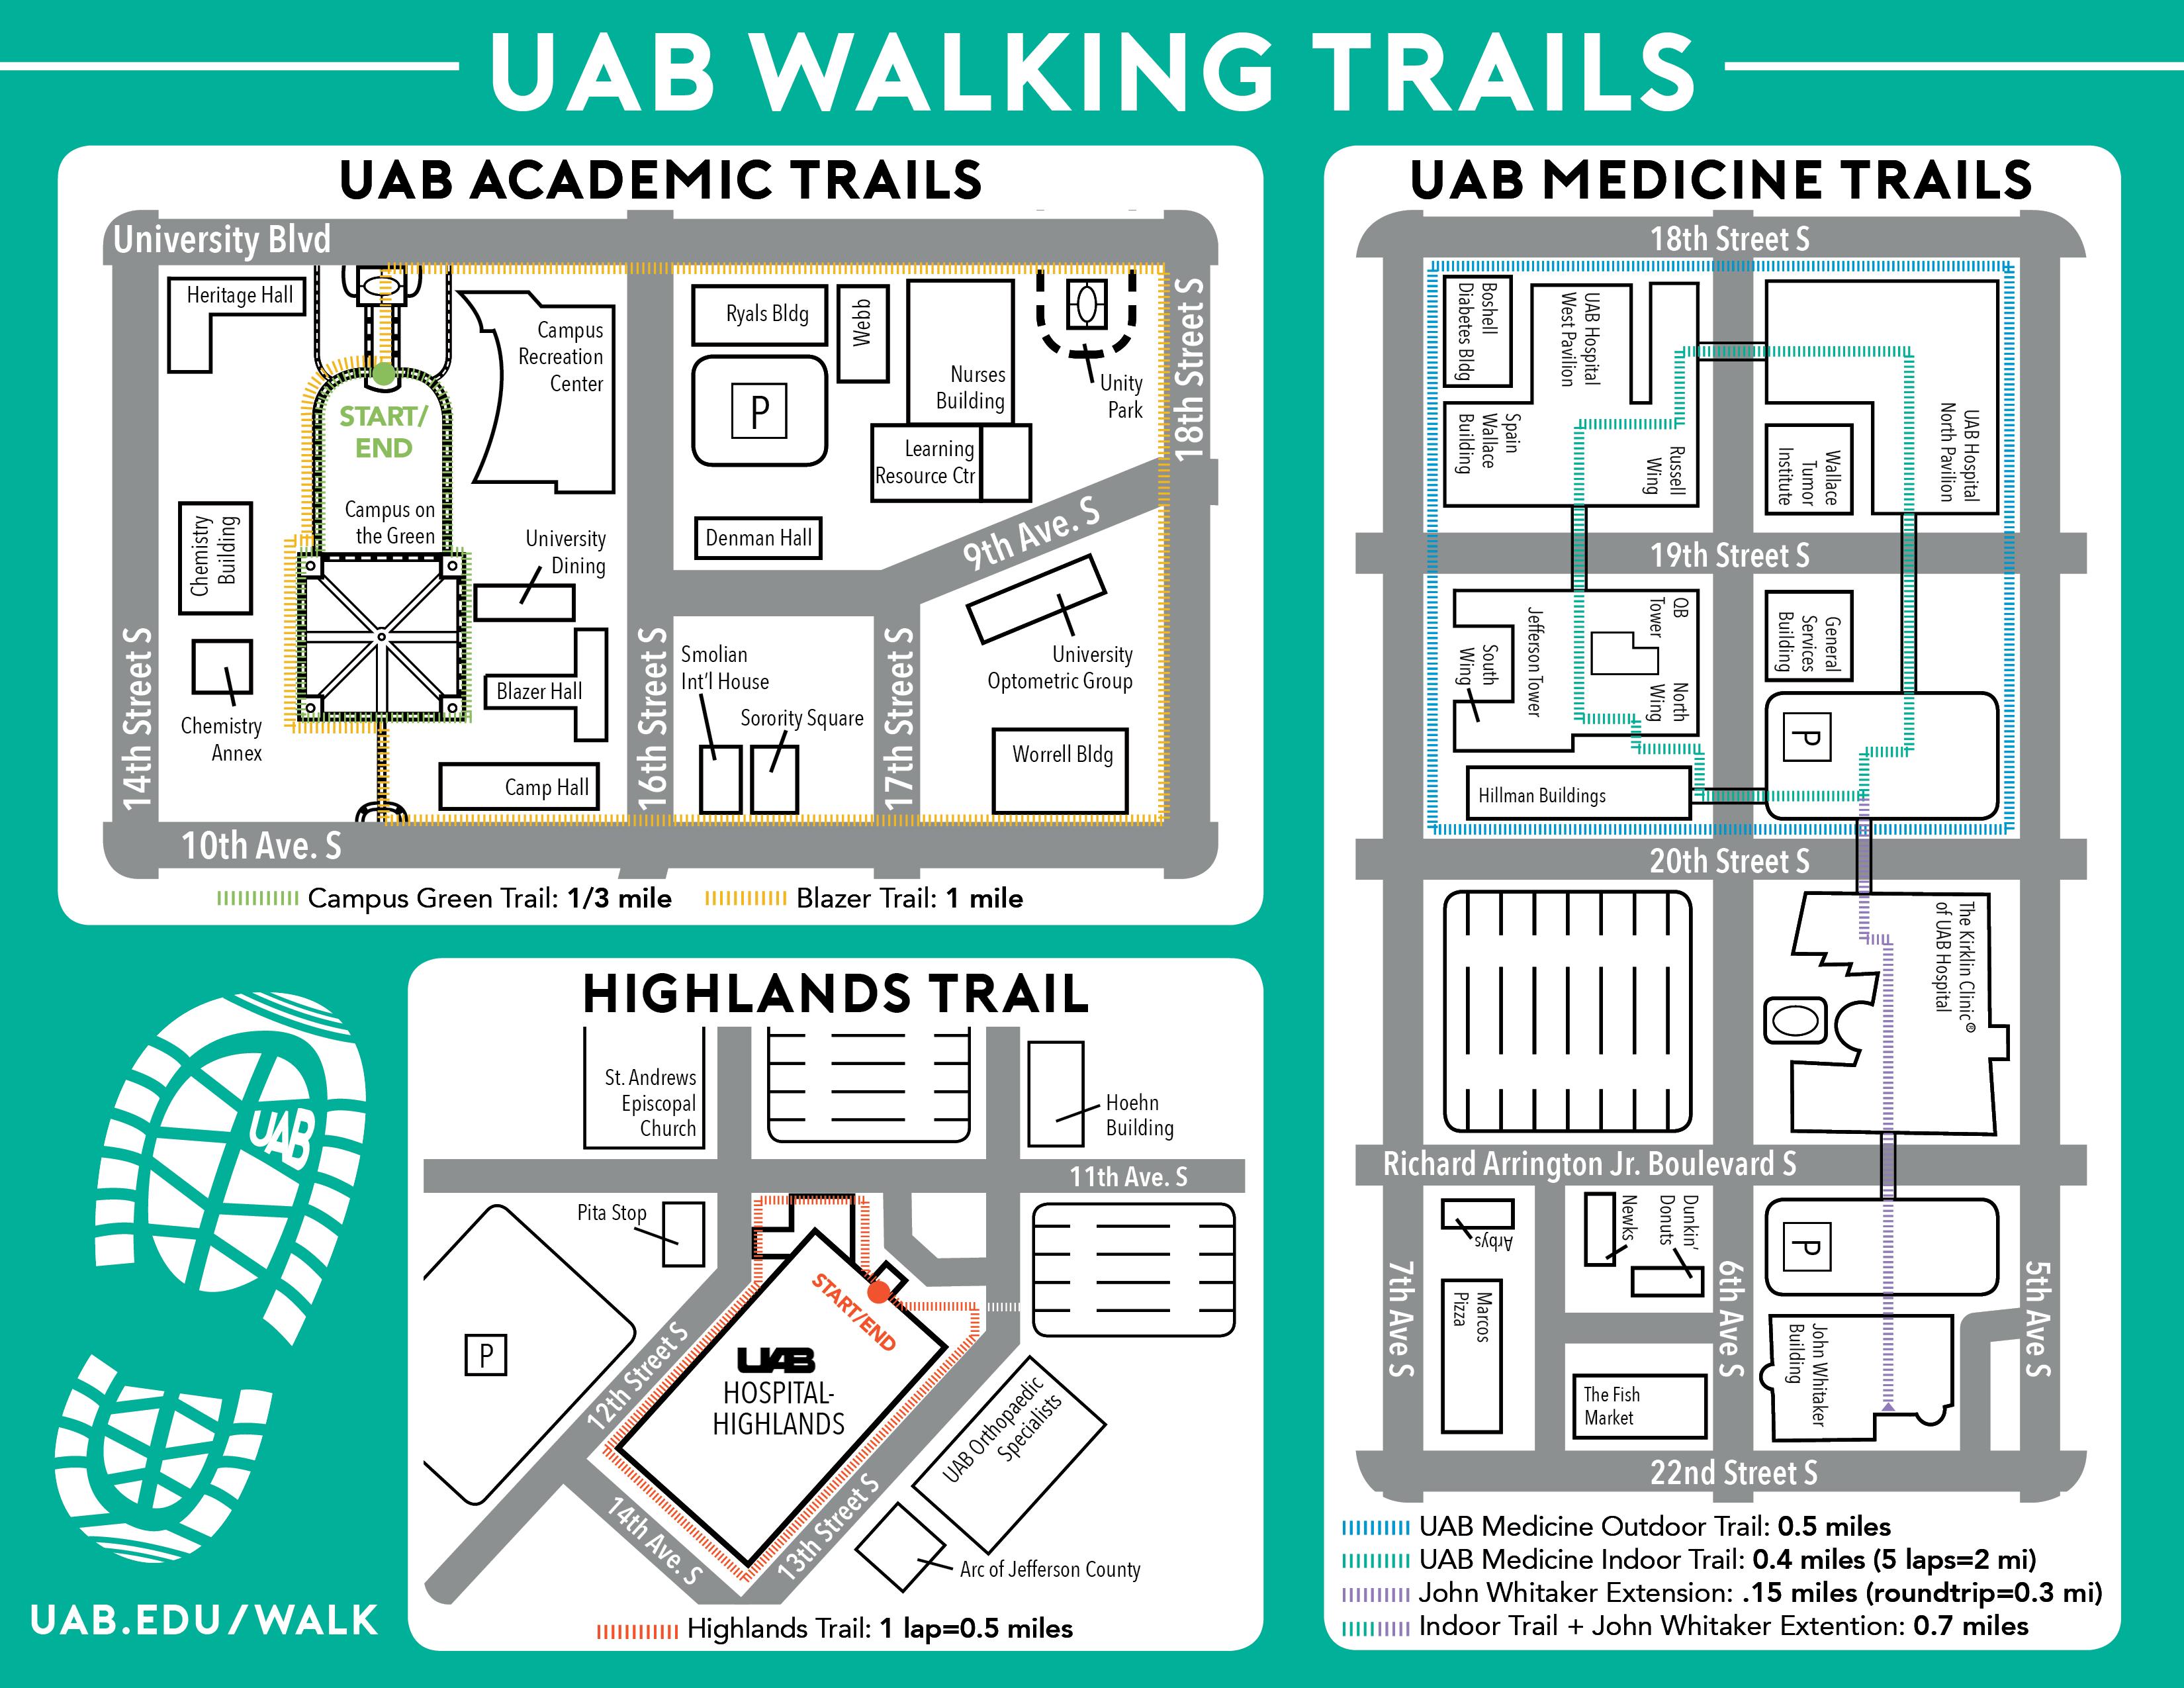 UAB - Human Resources - UAB Walking Trails